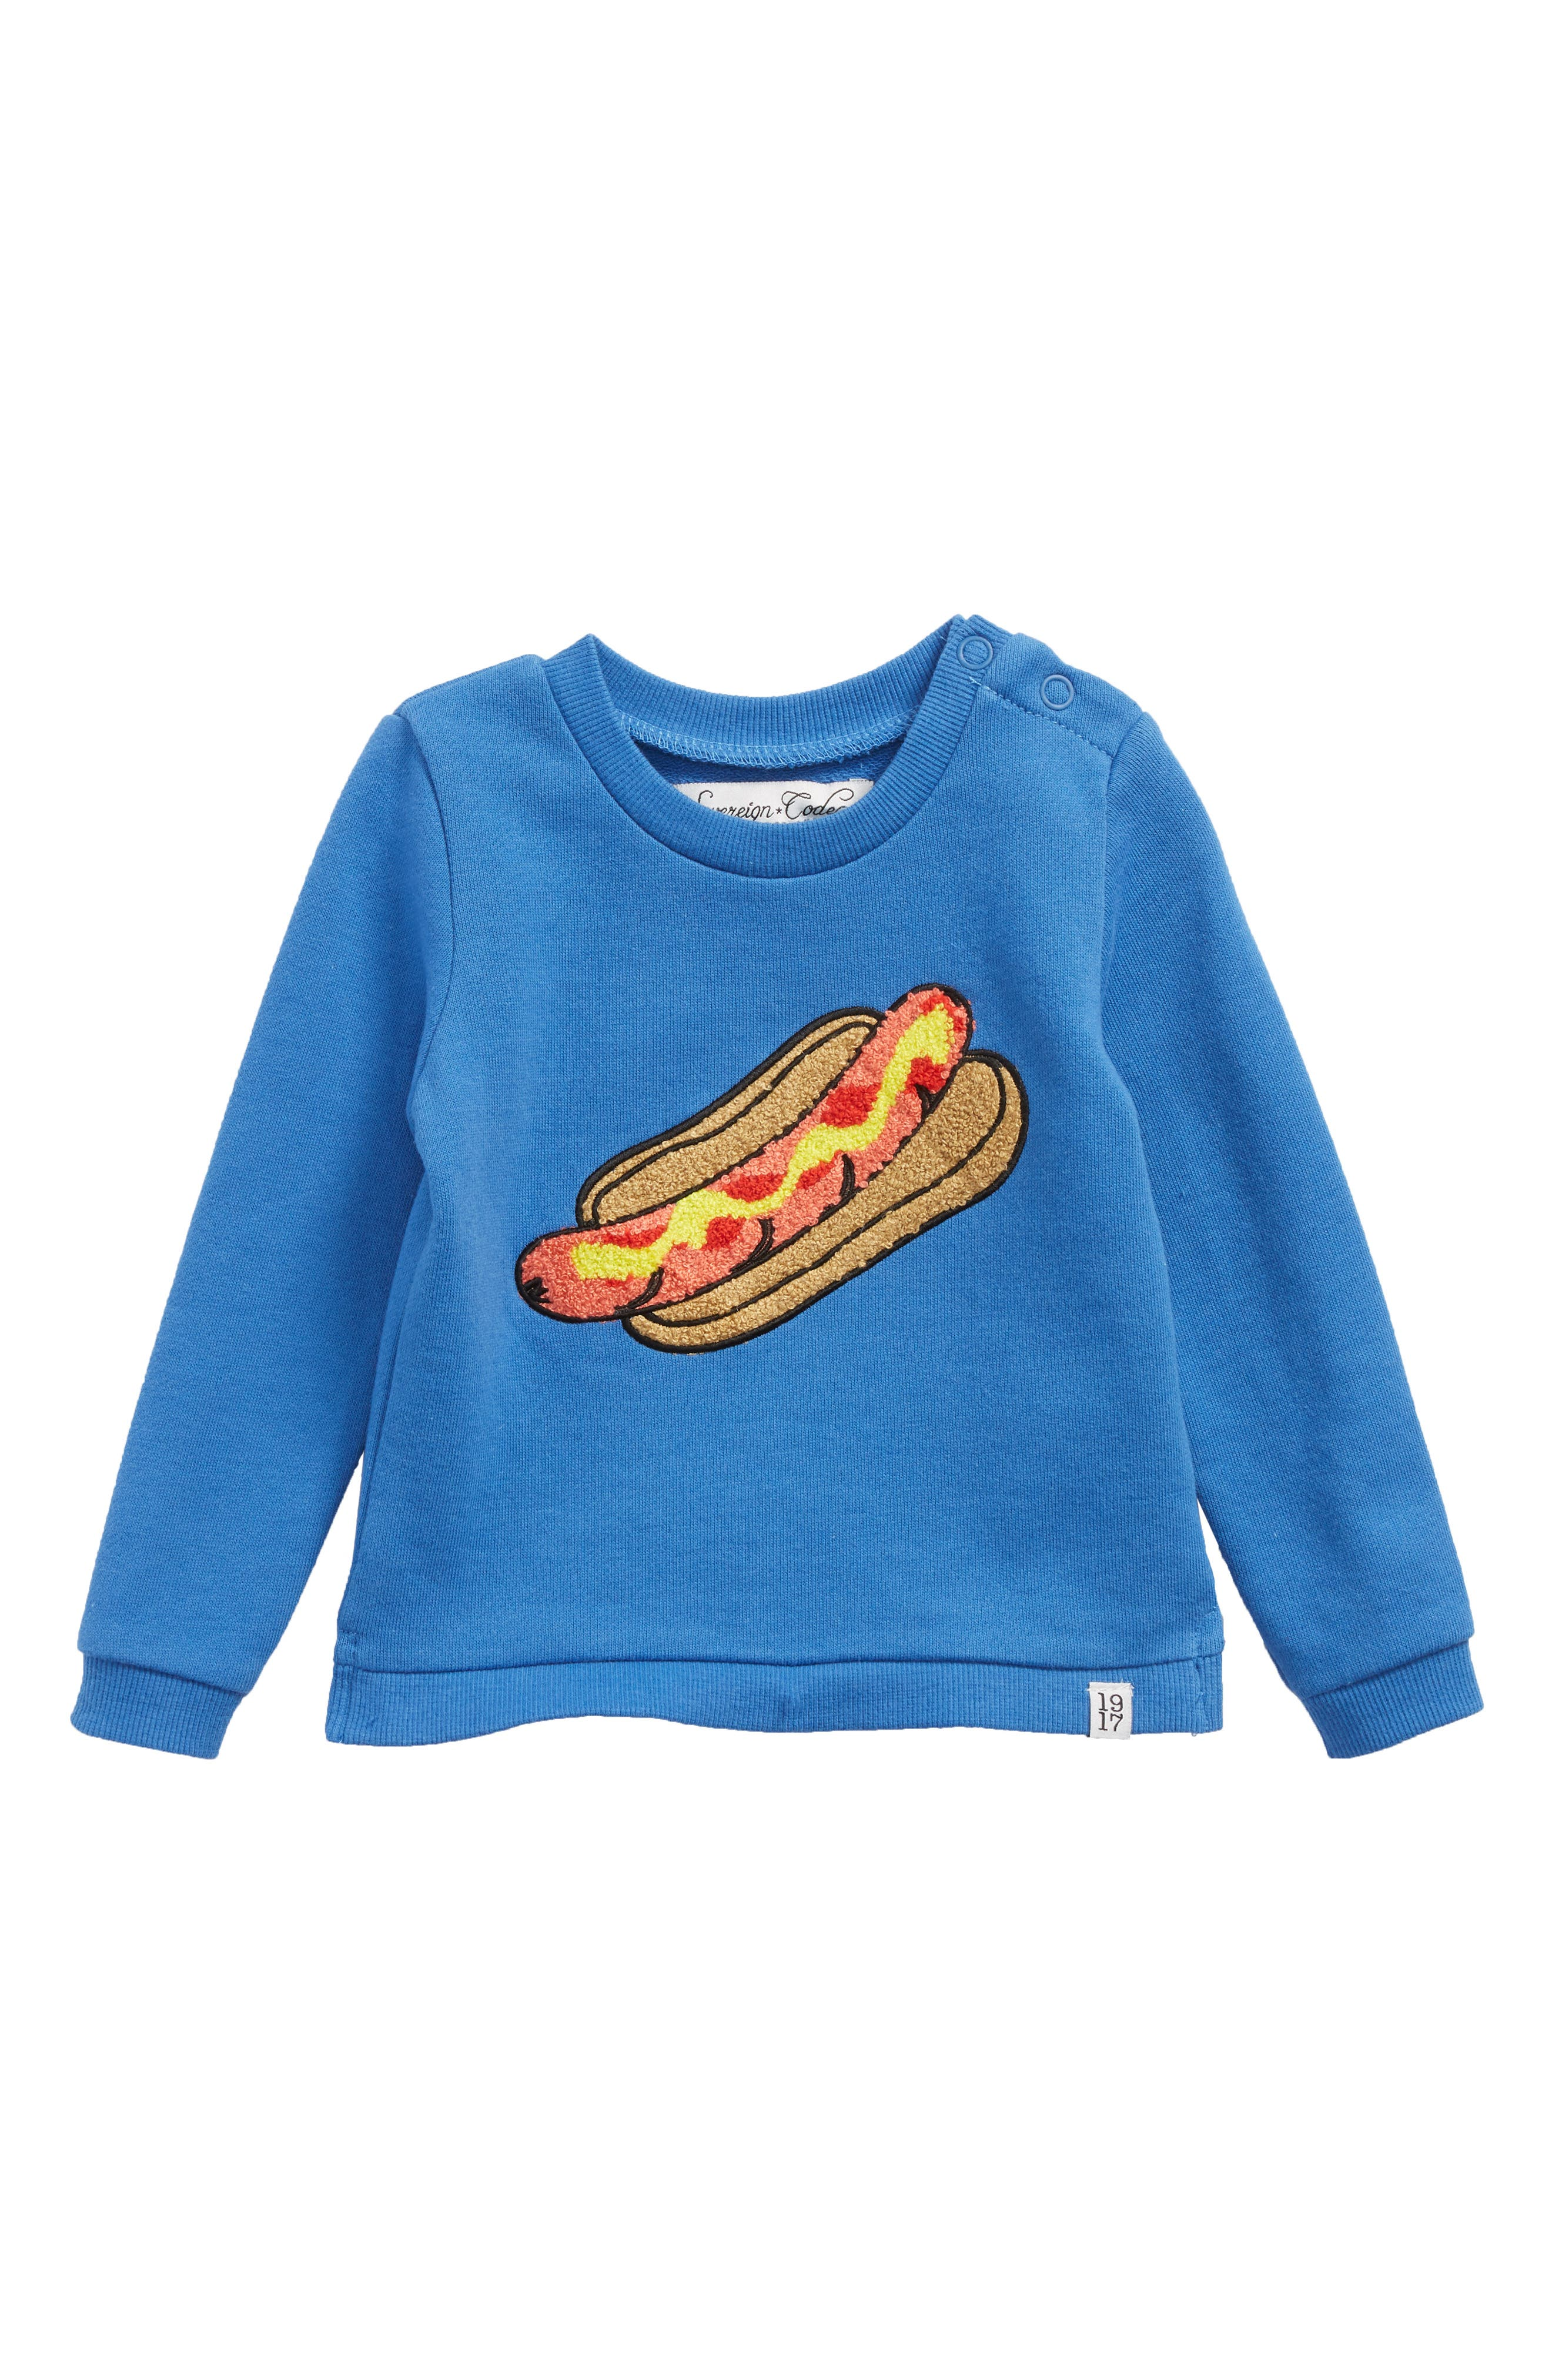 Whoa Sweatshirt,                             Main thumbnail 1, color,                             Blue